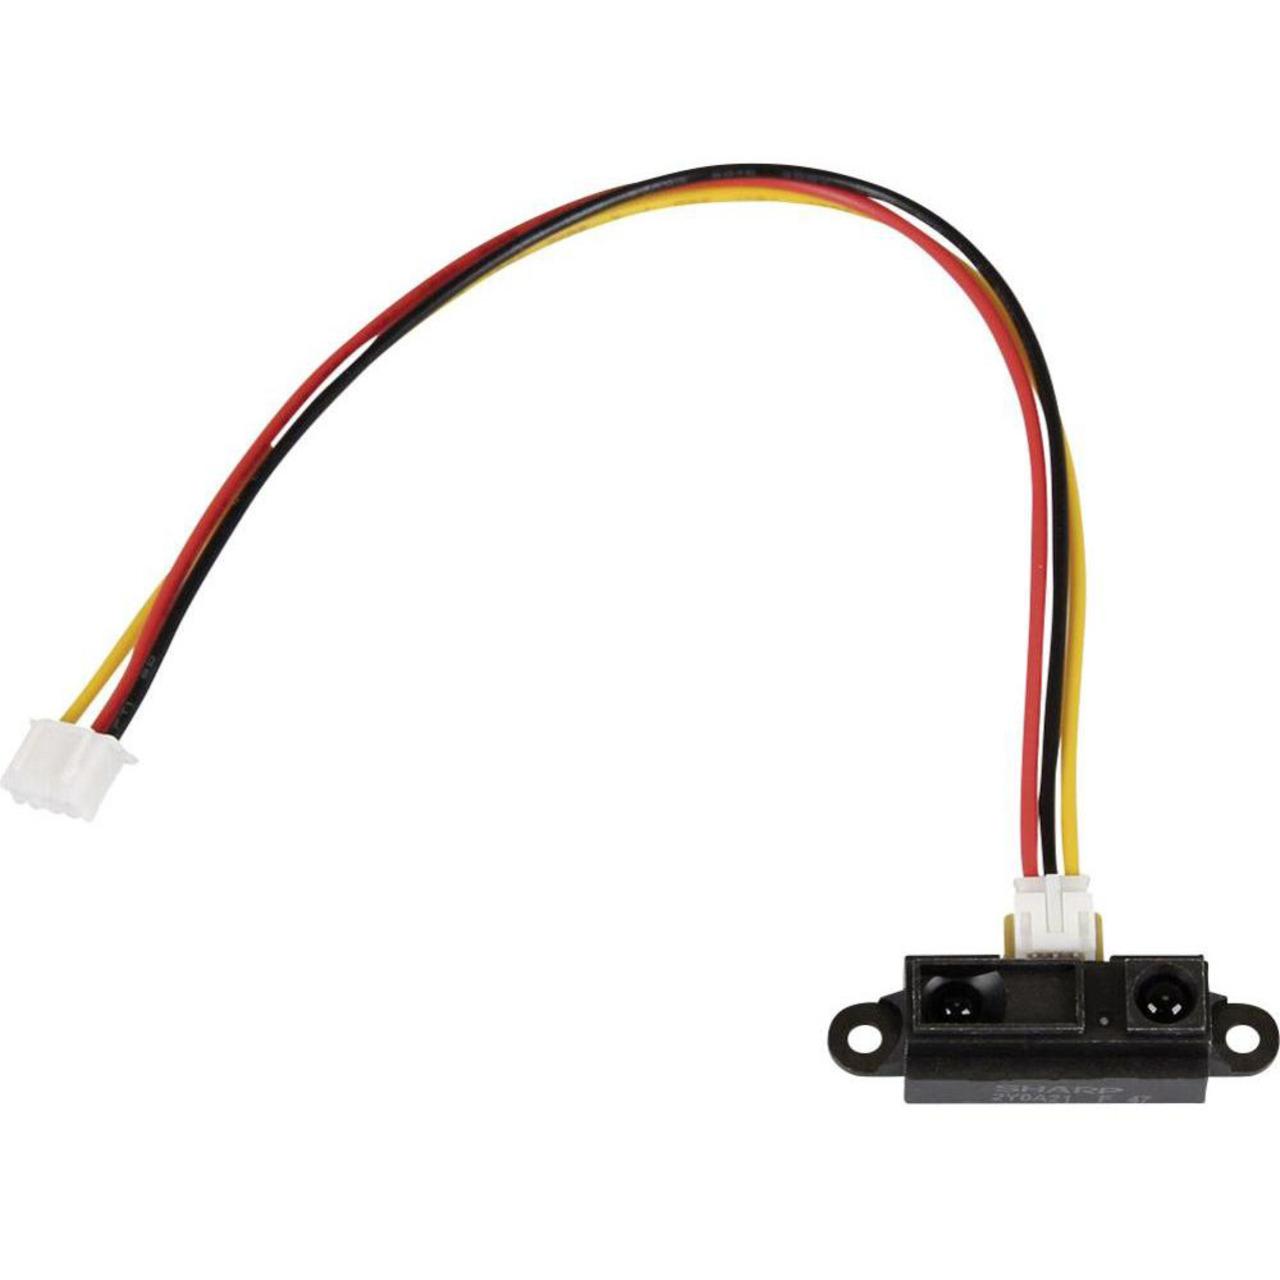 LB LINK IR-Abstandsmesser für Minicomputer